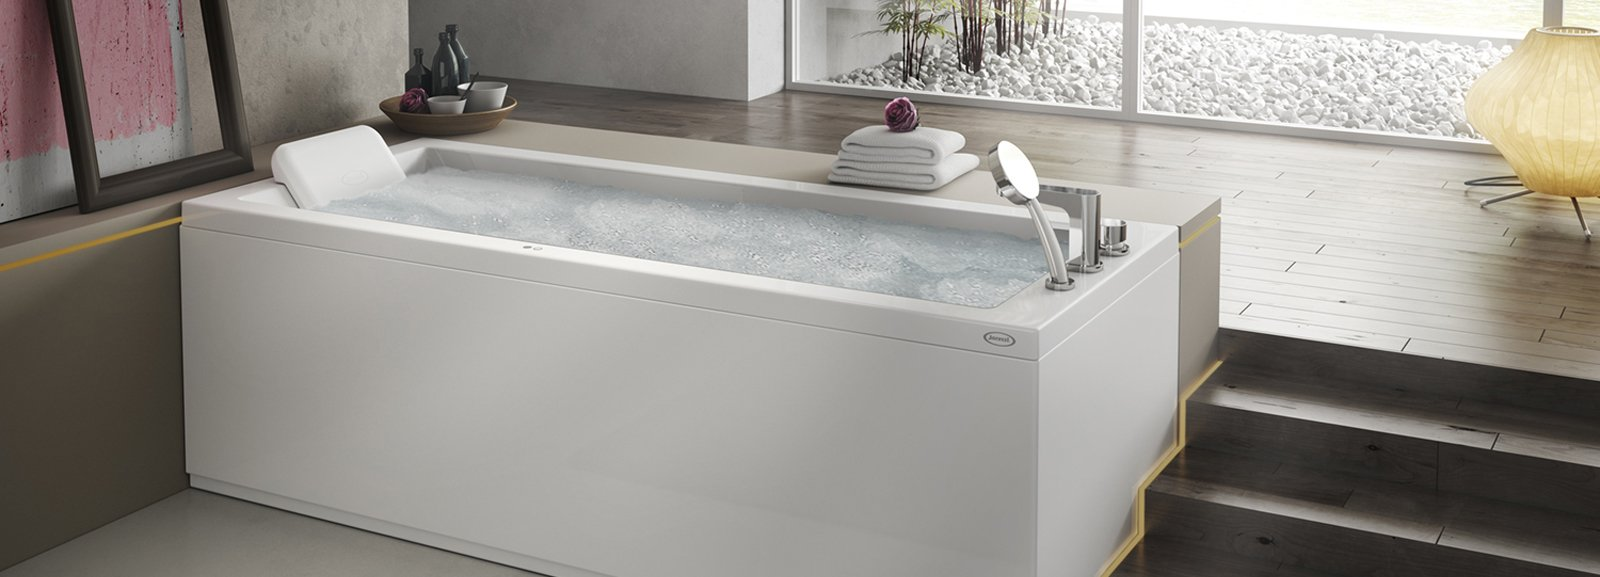 Vasche da bagno low cost a partire da 182 euro cose di casa - Vasche da bagno leroy merlin ...